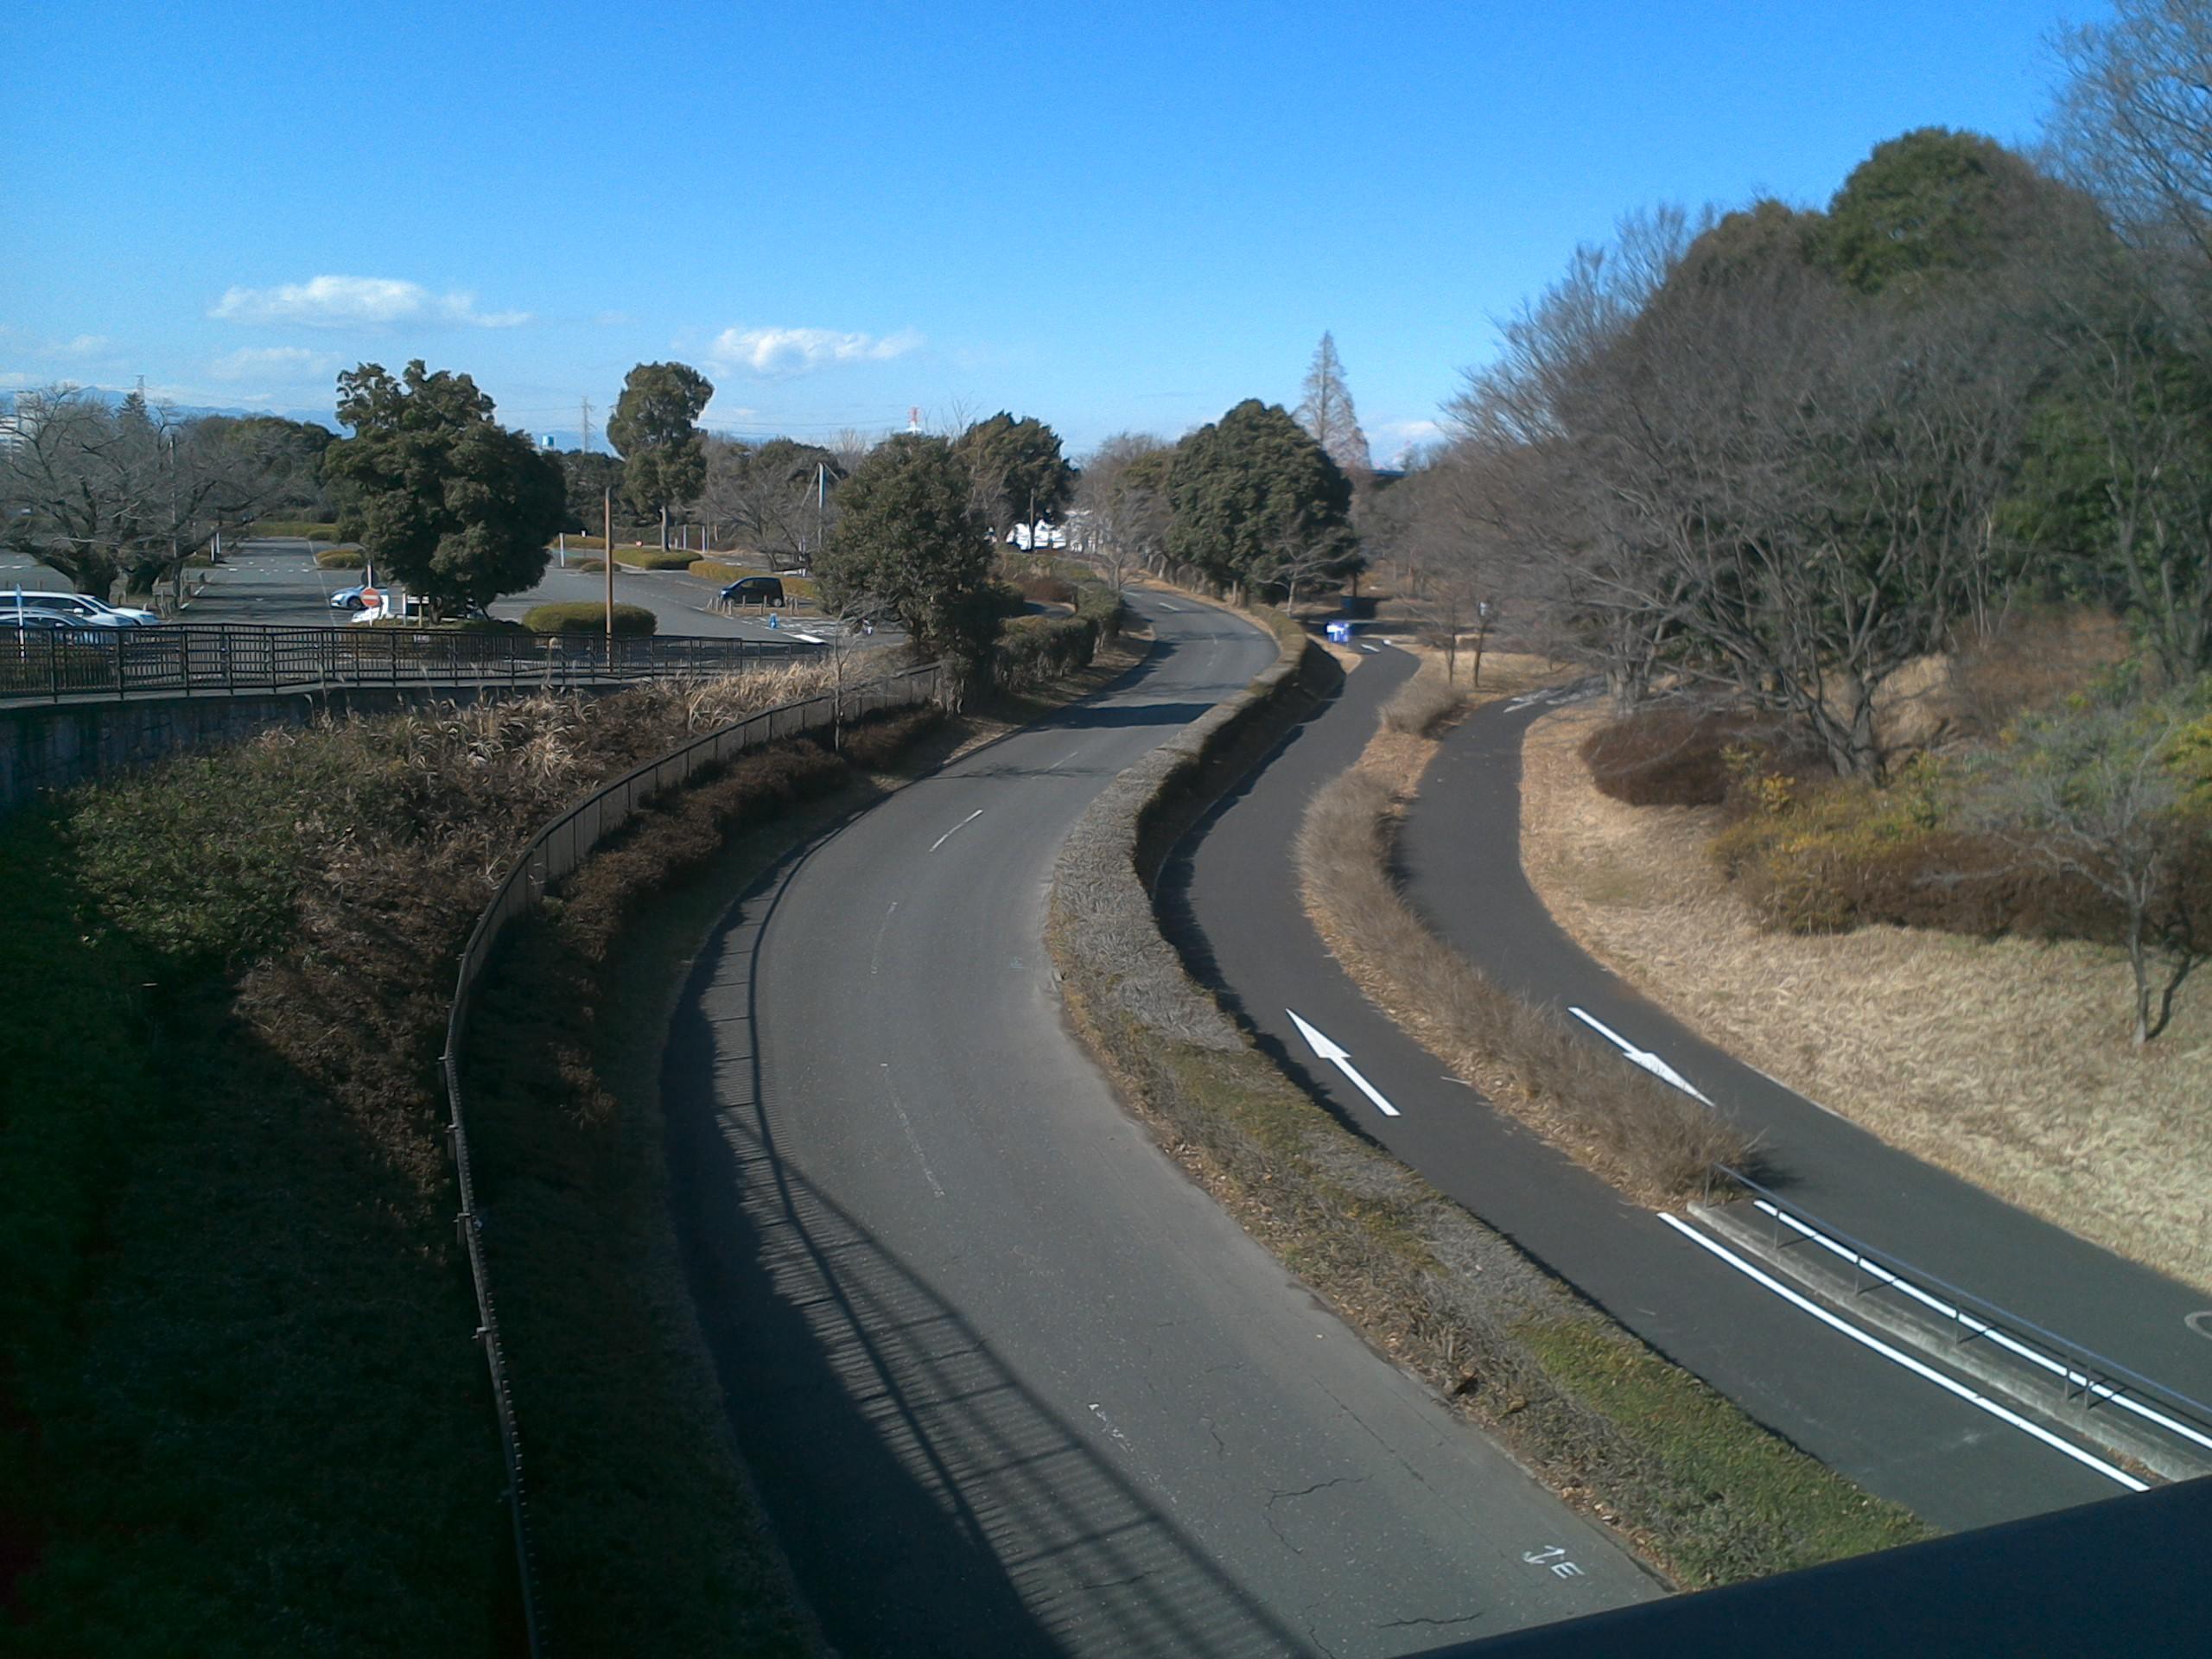 昭和記念公園のサイクリング道